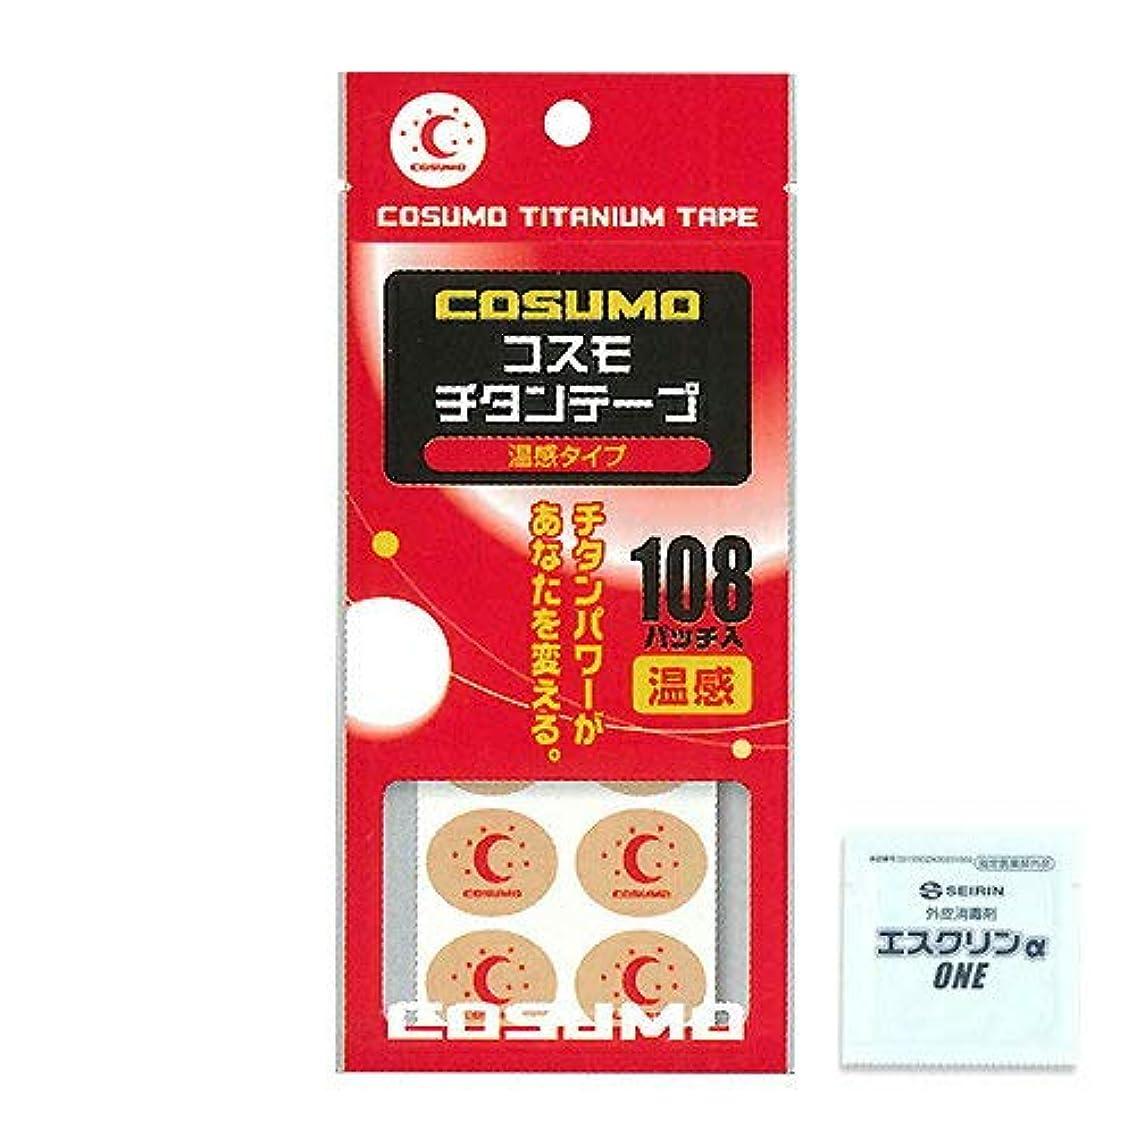 光熟読プロペラ日進医療器:コスモチタンテープ温感タイプ 108パッチ入×2個セット + エスクリンONE1包セット